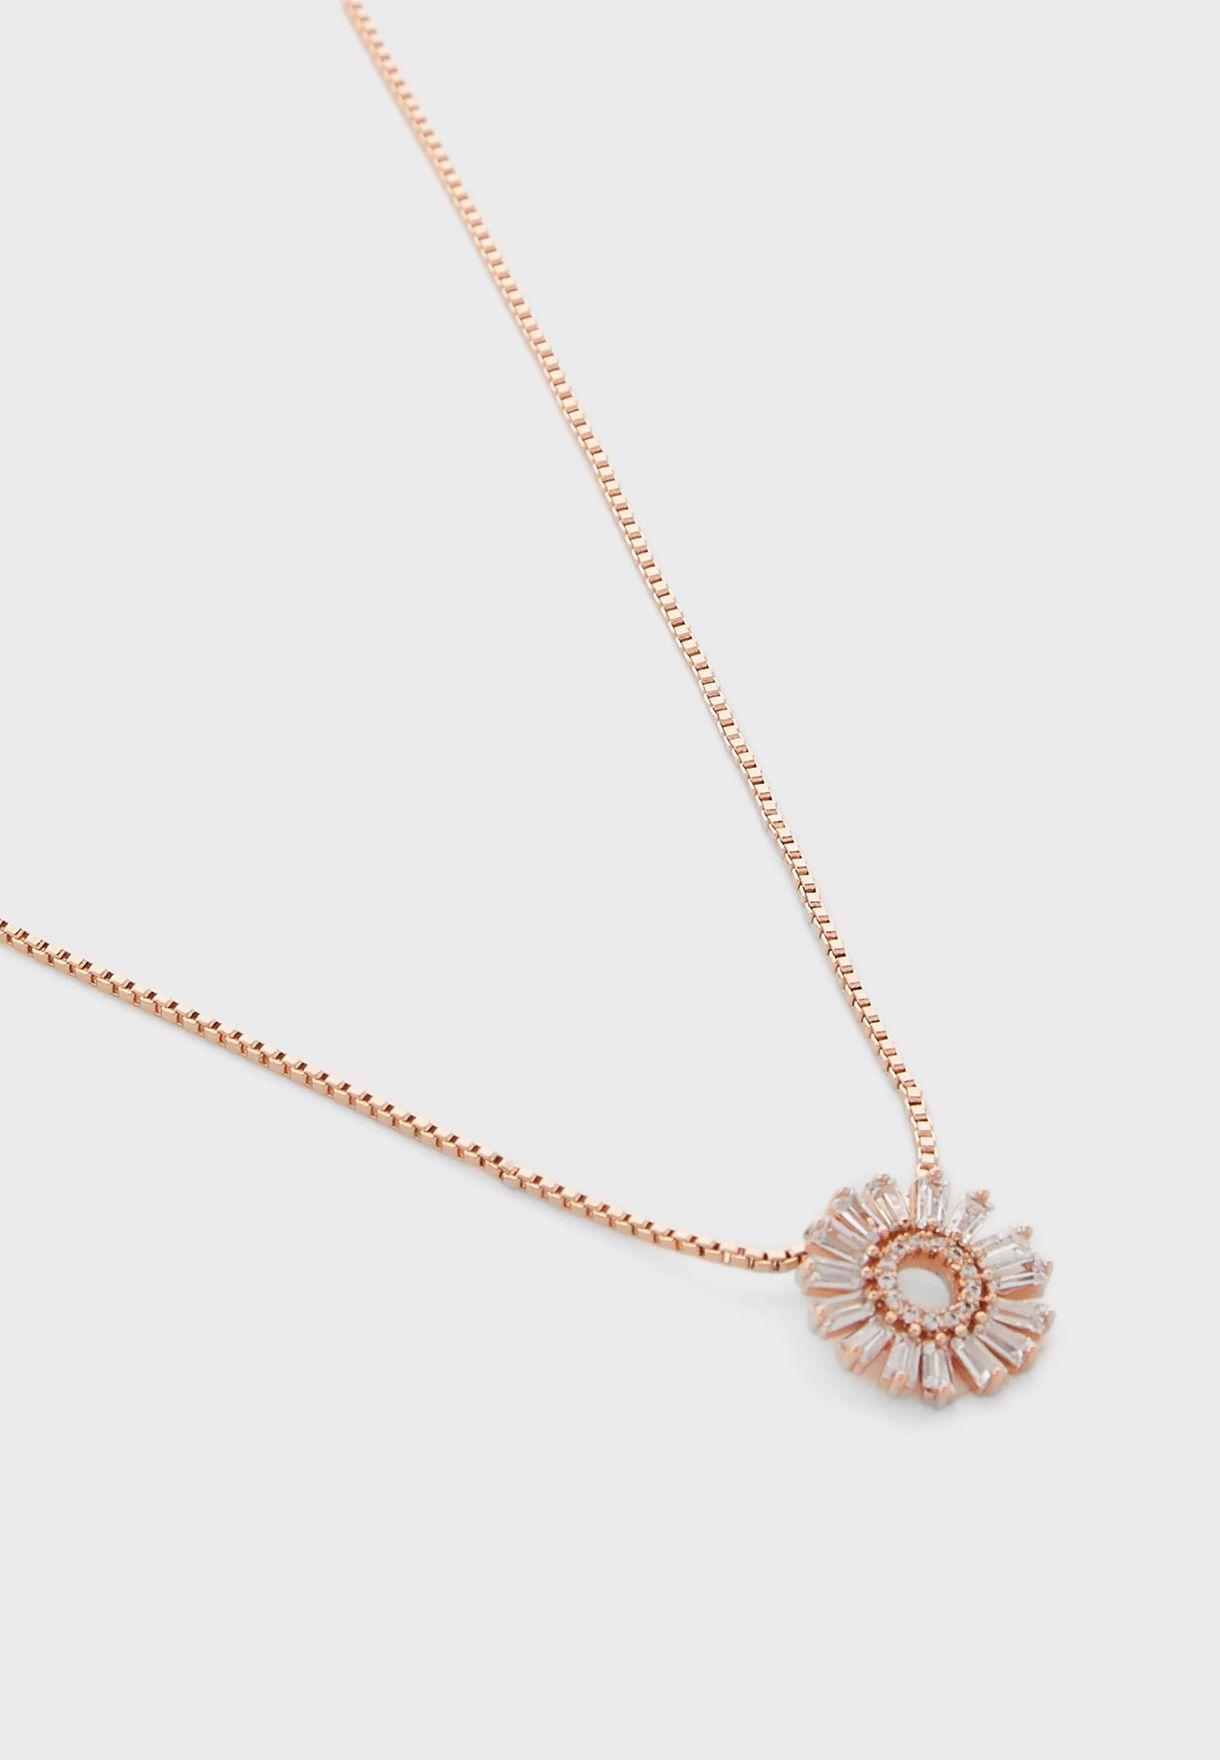 Lareswen Necklace+Earrings Set